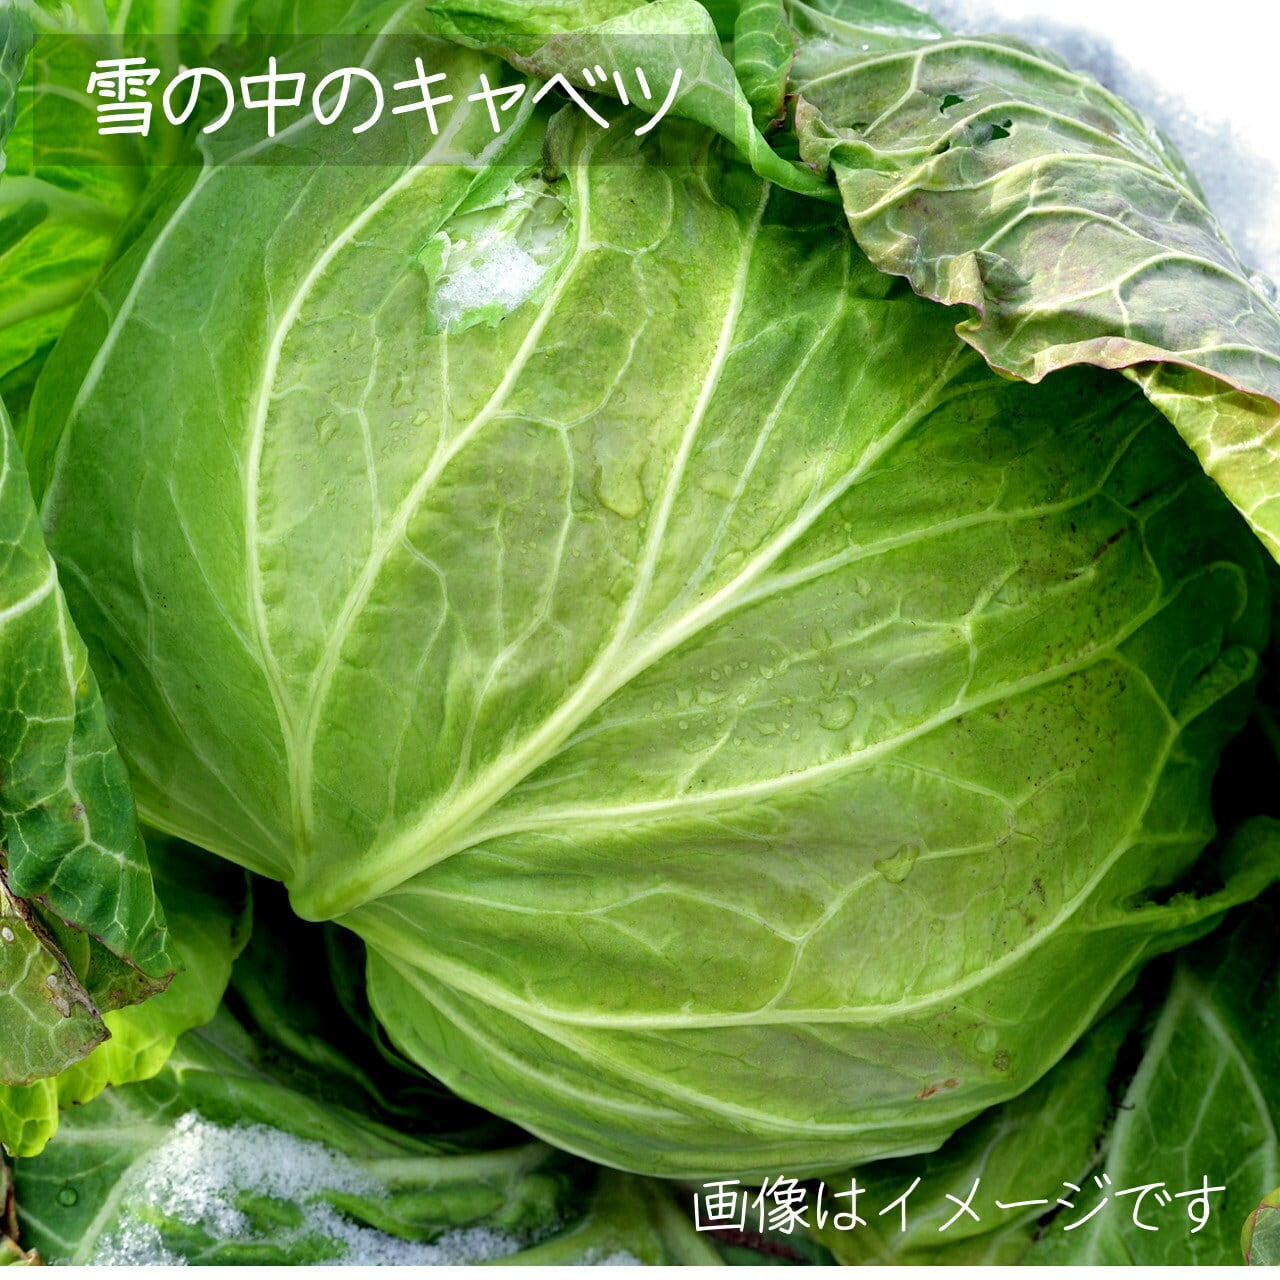 8月の朝採り直売野菜 : キャベツ 1個 新鮮な夏野菜 8月22日発送予定